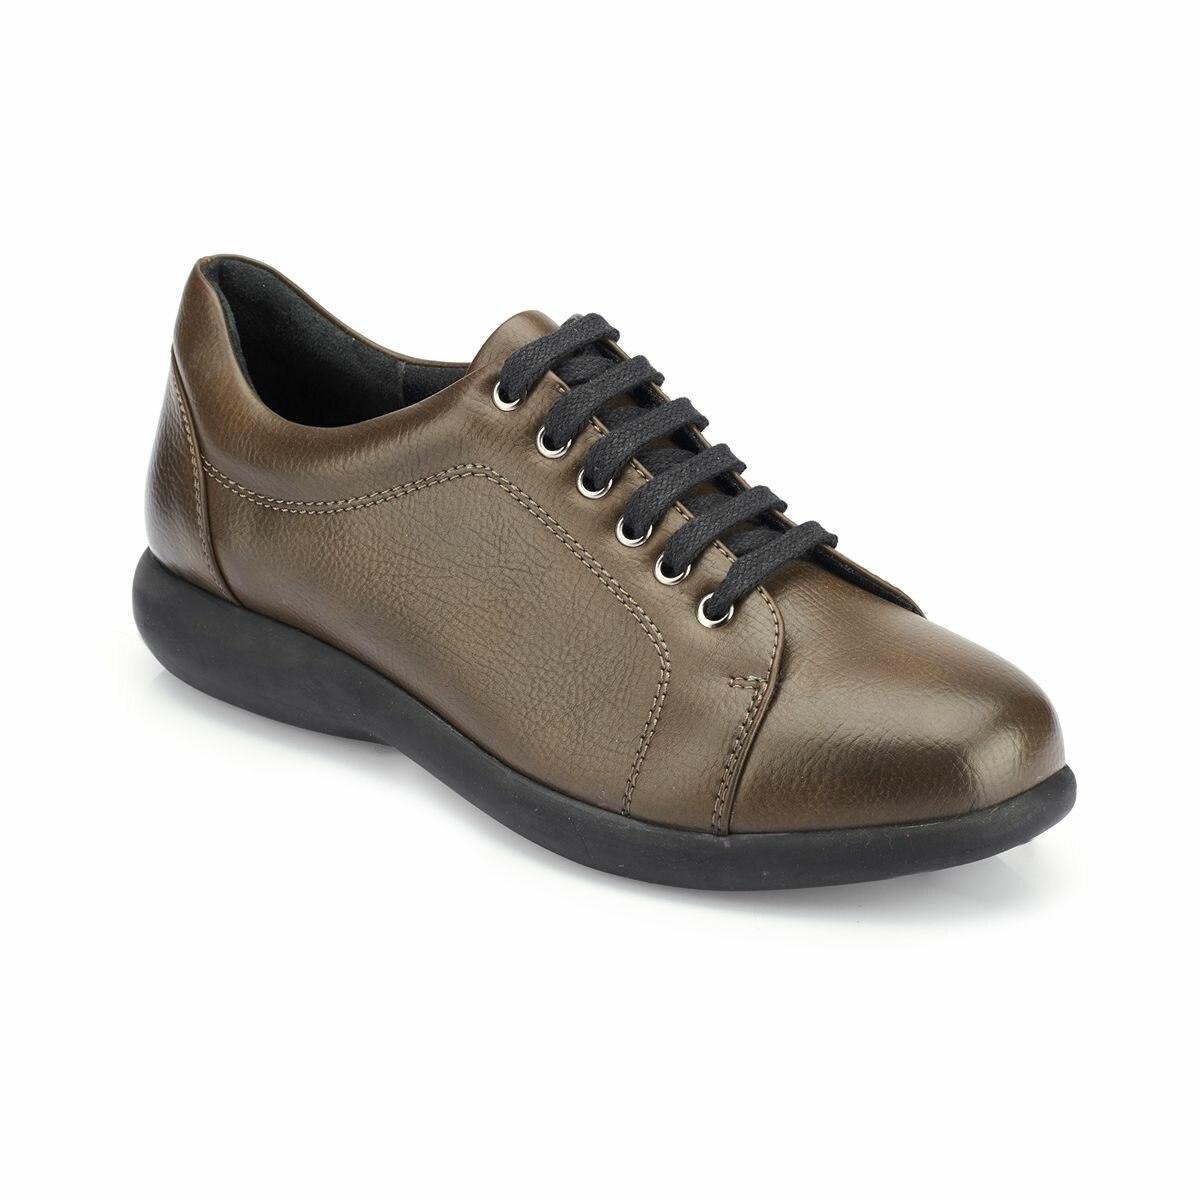 FLO 82. 312028.Z Khaki Women Casual Shoes Polaris